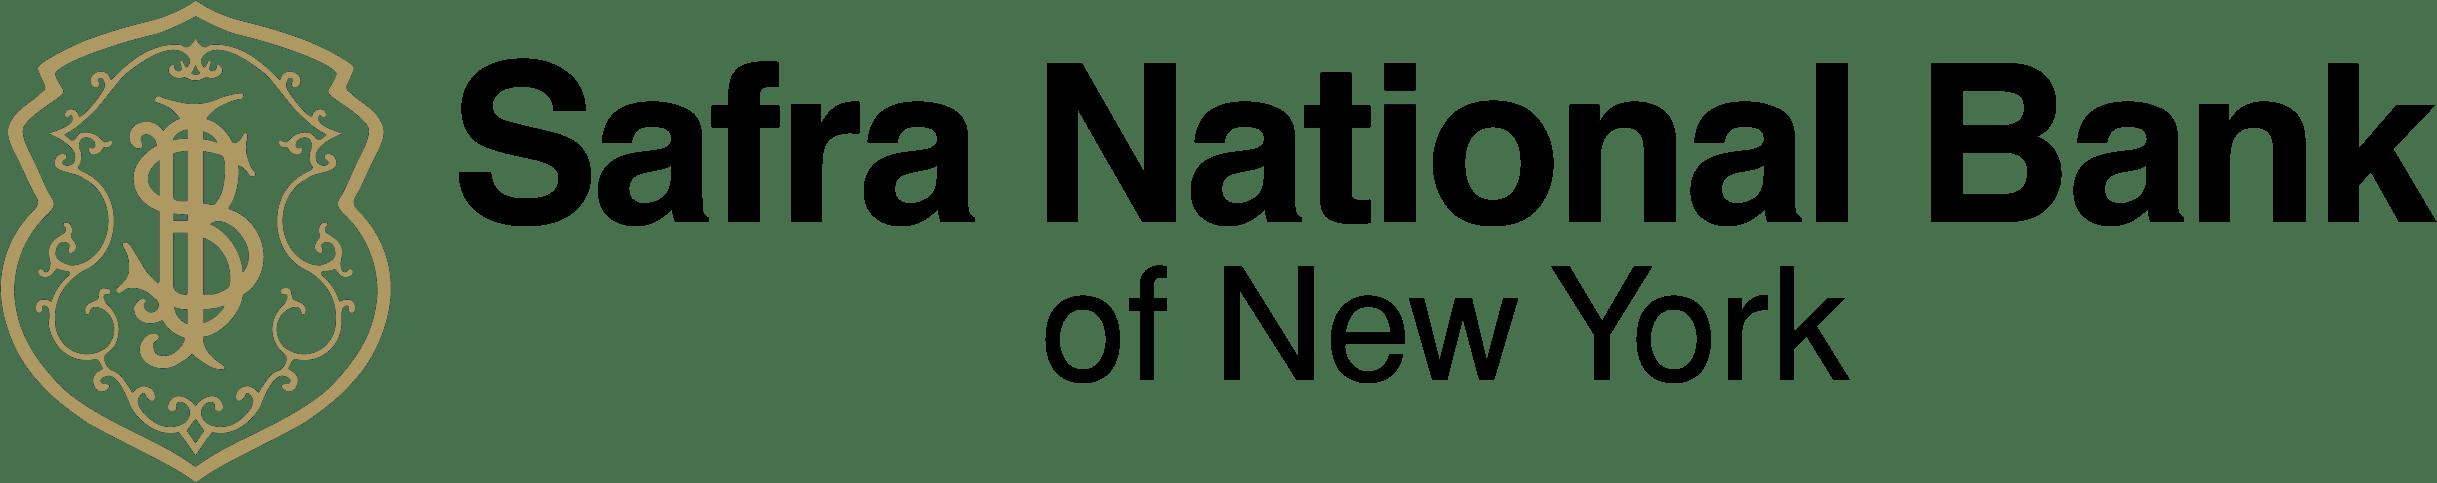 Safra National Bank